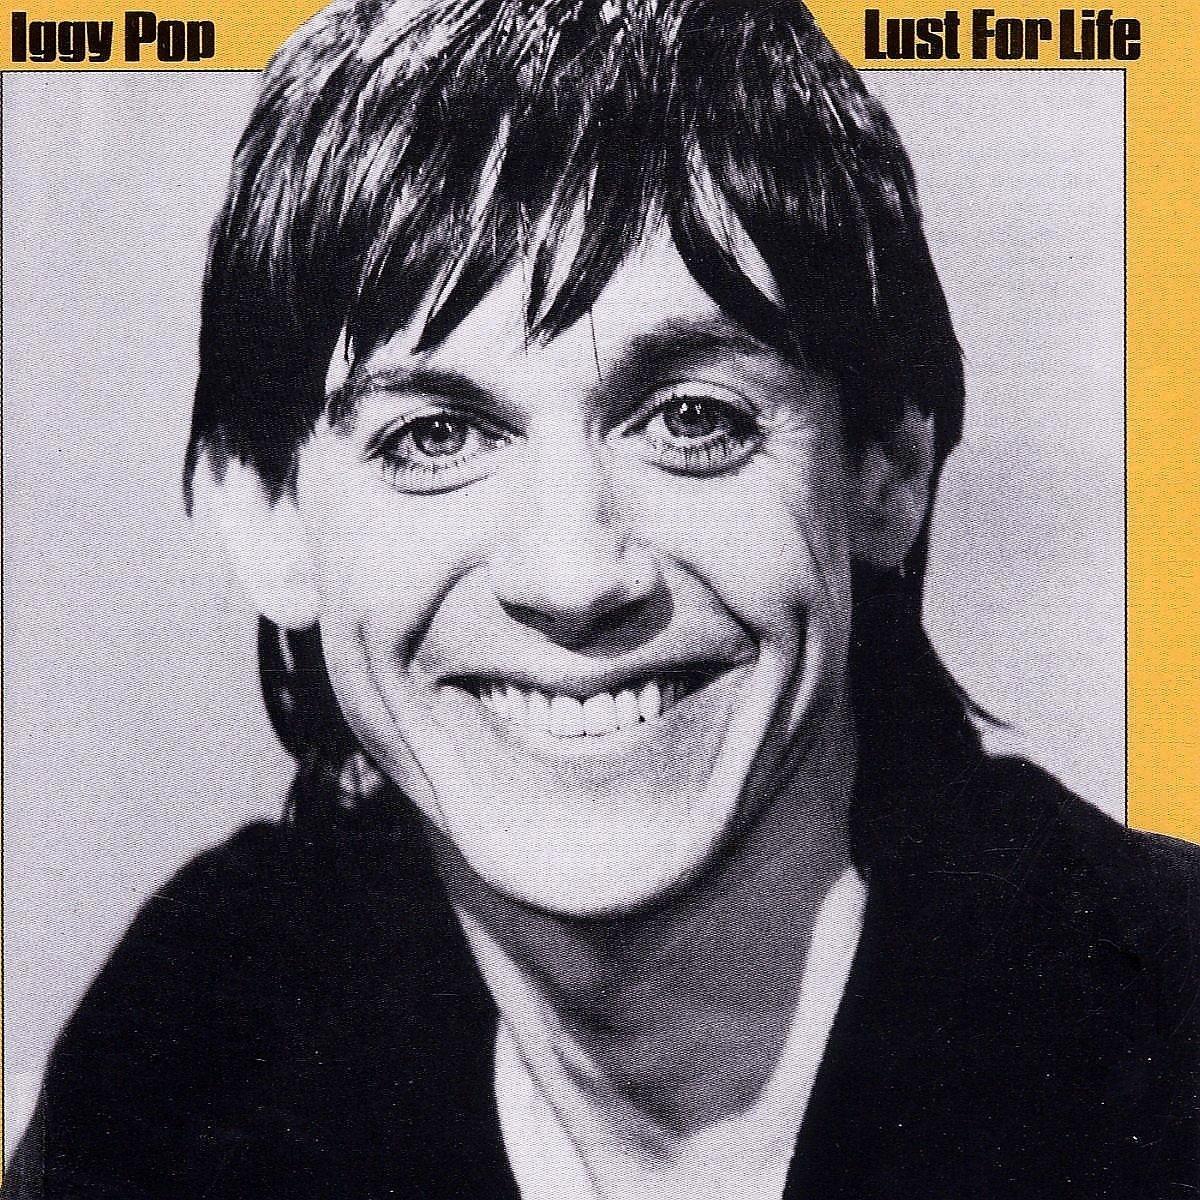 Iggy Pop: Lust for Life [Vinyl] F/S w/Prime $7.93 ~ Amazon